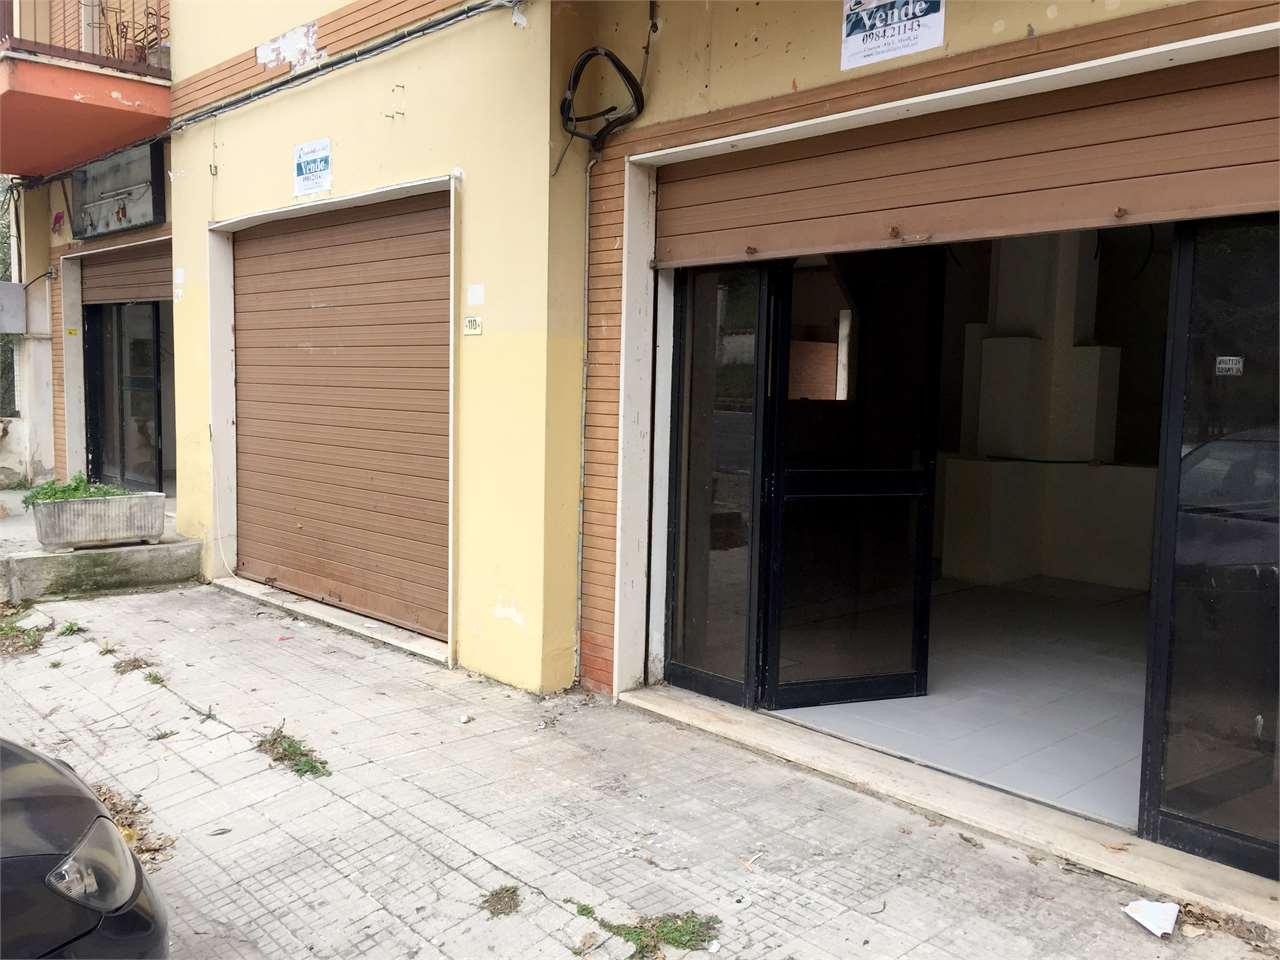 Magazzino in vendita a Carolei, 9999 locali, prezzo € 68.000 | Cambio Casa.it